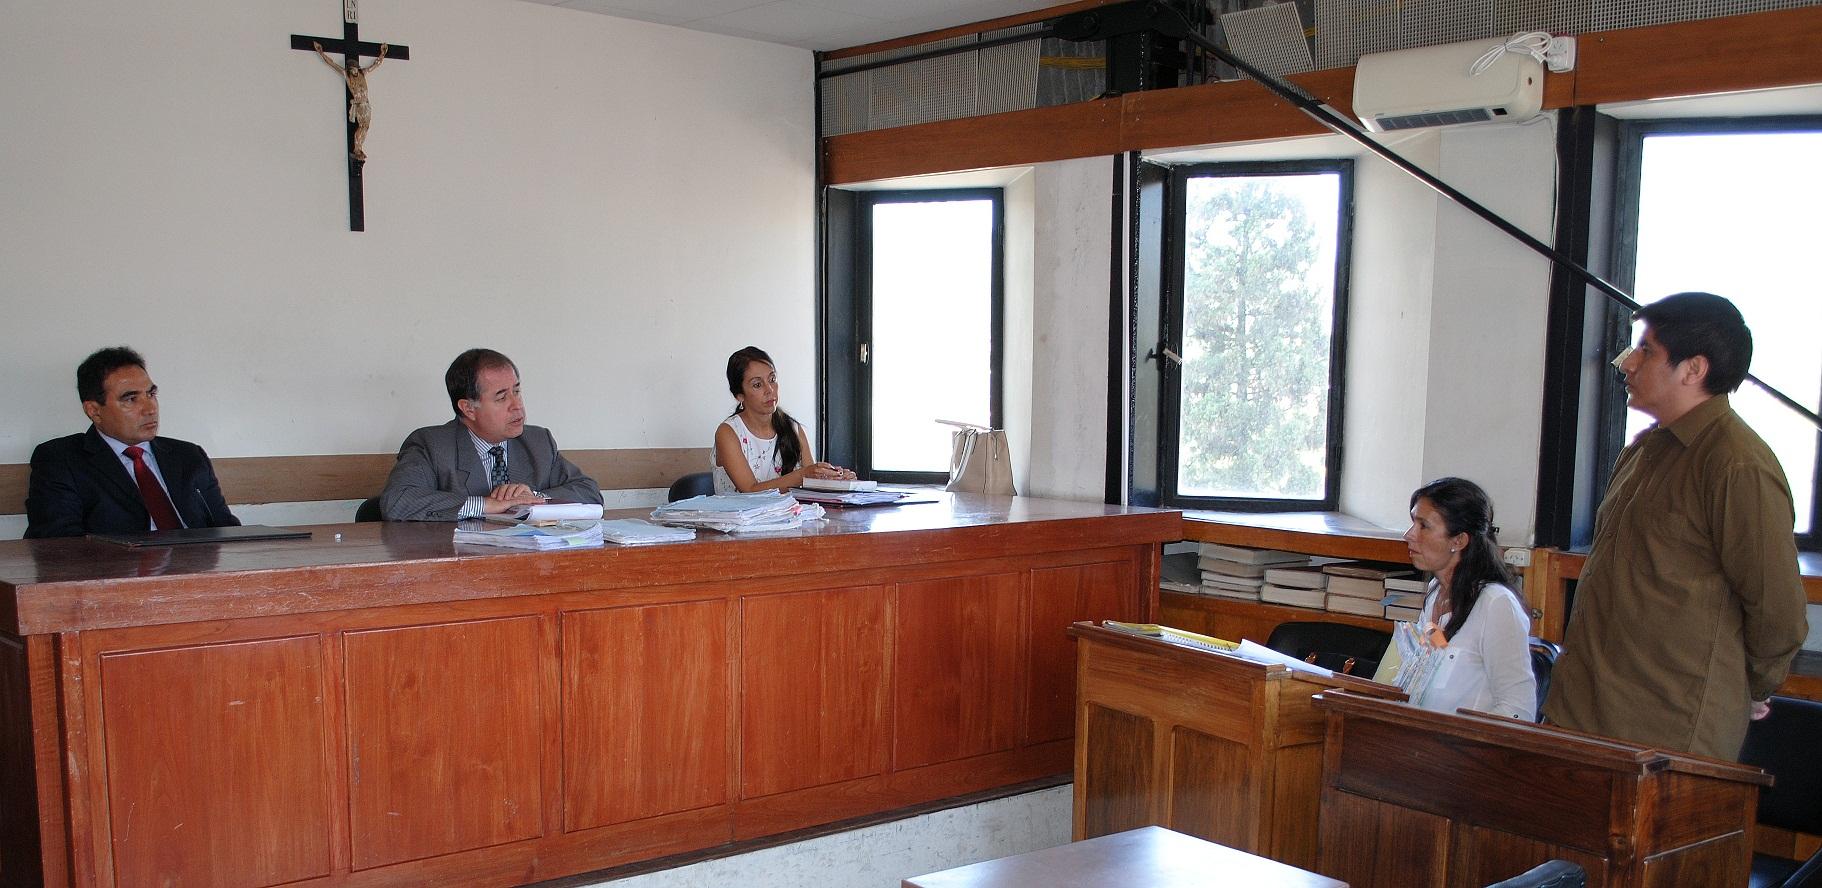 TRIBUNAL CRIMINAL 2 -JUICIO PUCA - ABSOLUCION X DUDA123